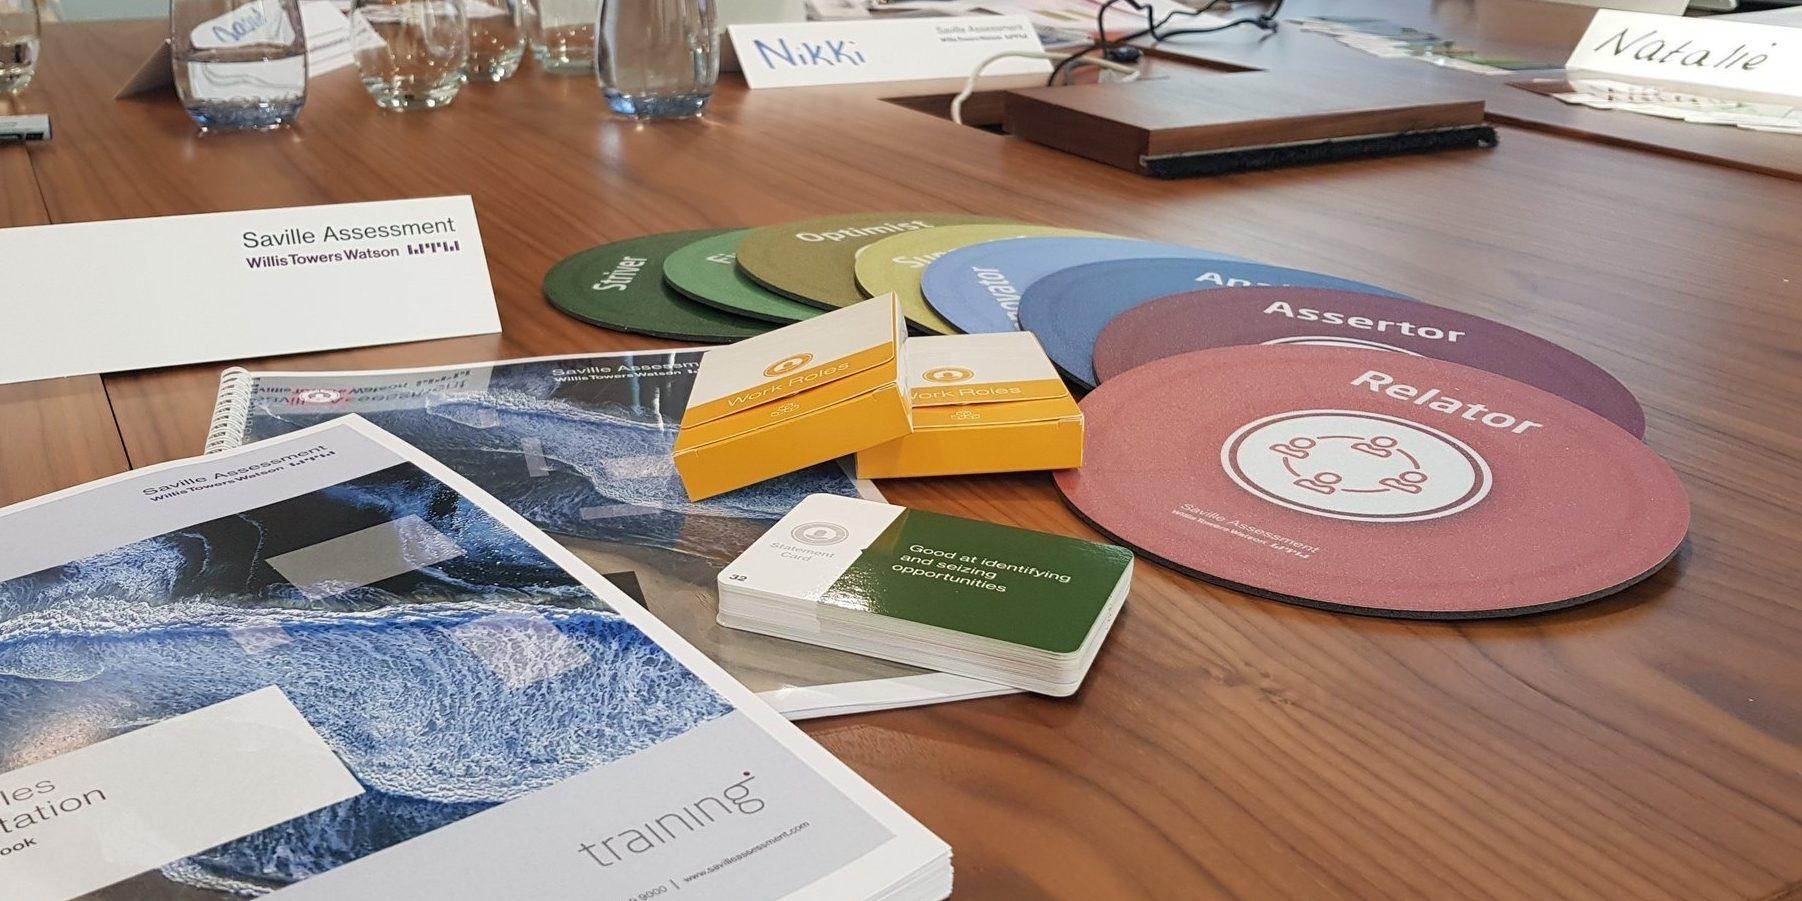 Work Roles Practitioner Workshop - Saville Assessment